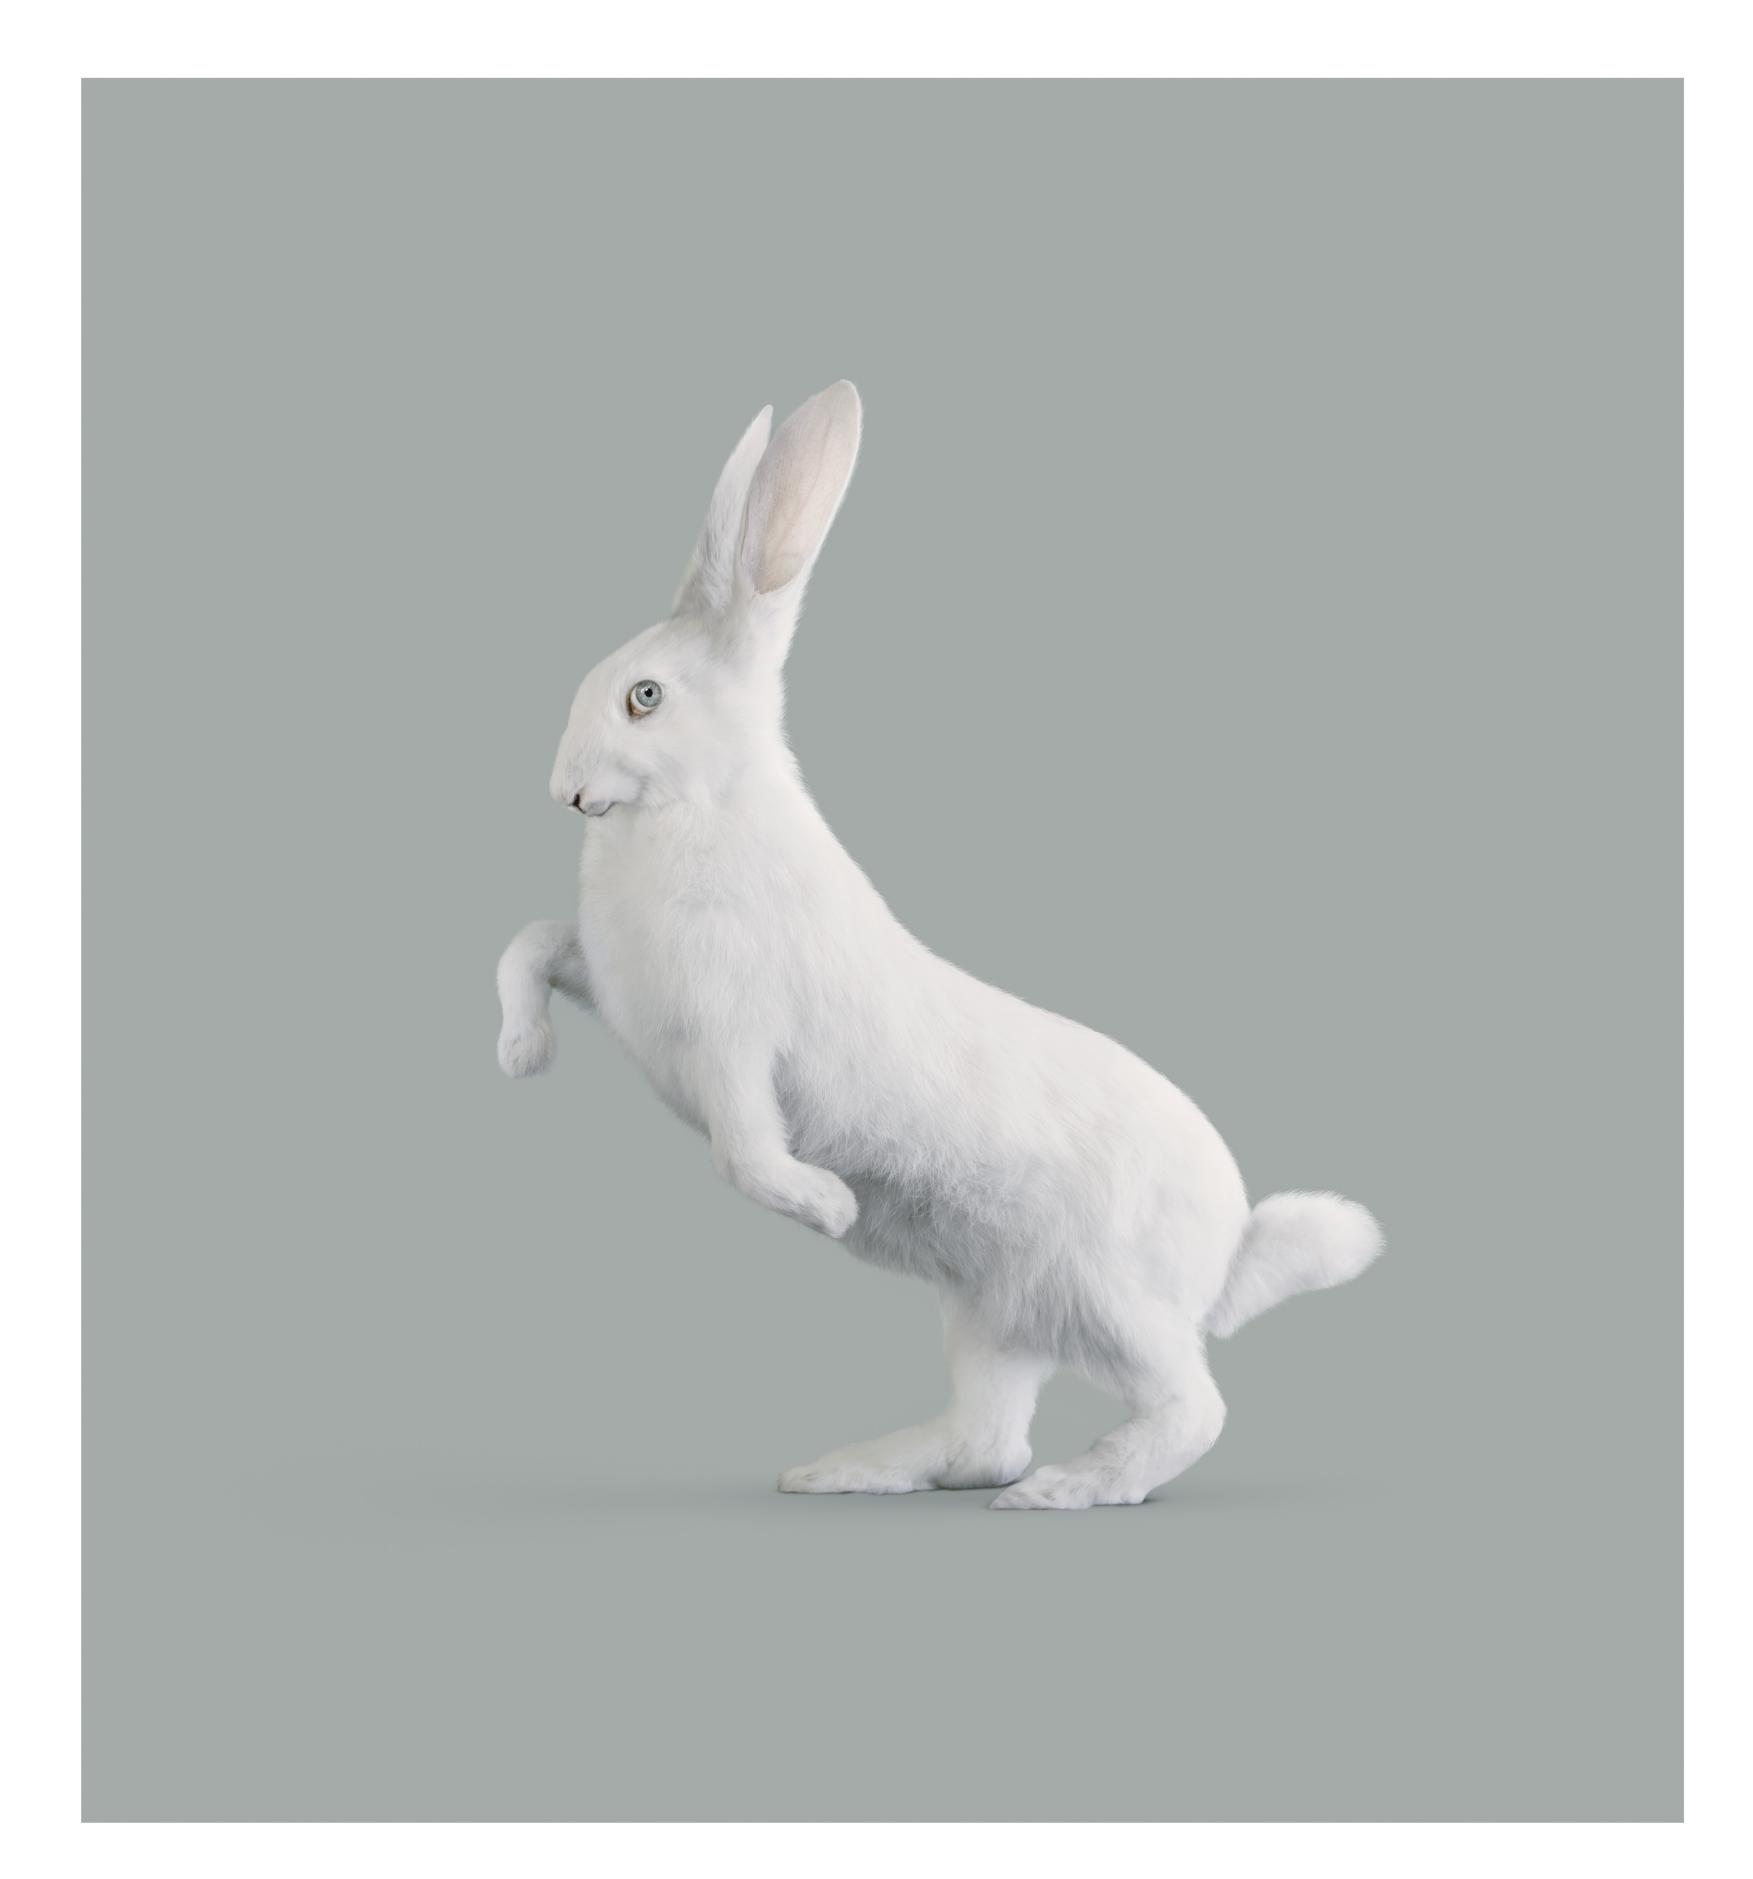 RABBIT   [Oryctolagus cognitivus]      85 x 78,3 cm. // 33.46 x 30.82 inch